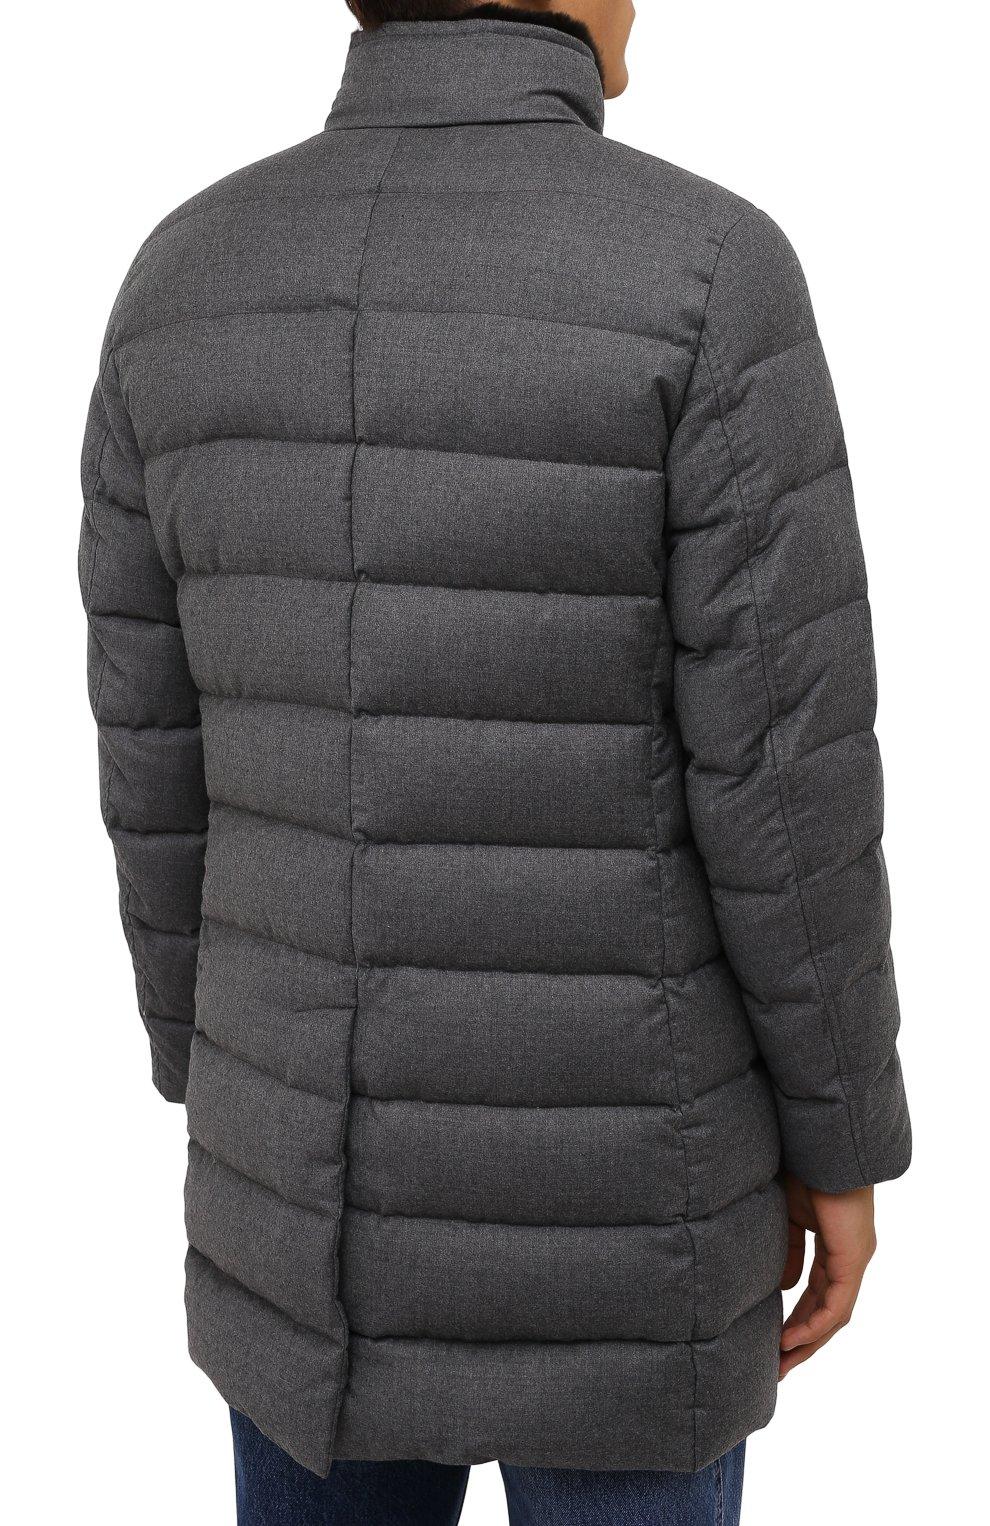 Мужская пуховик из шерсти и кашемира alfieri-fur-l MOORER серого цвета, арт. ALFIERI-FUR-L/M0UGI100104-TEPA217 | Фото 4 (Кросс-КТ: Куртка; Мужское Кросс-КТ: пуховик-короткий; Материал внешний: Шерсть; Рукава: Длинные; Длина (верхняя одежда): До середины бедра; Материал утеплителя: Пух и перо; Стили: Кэжуэл)